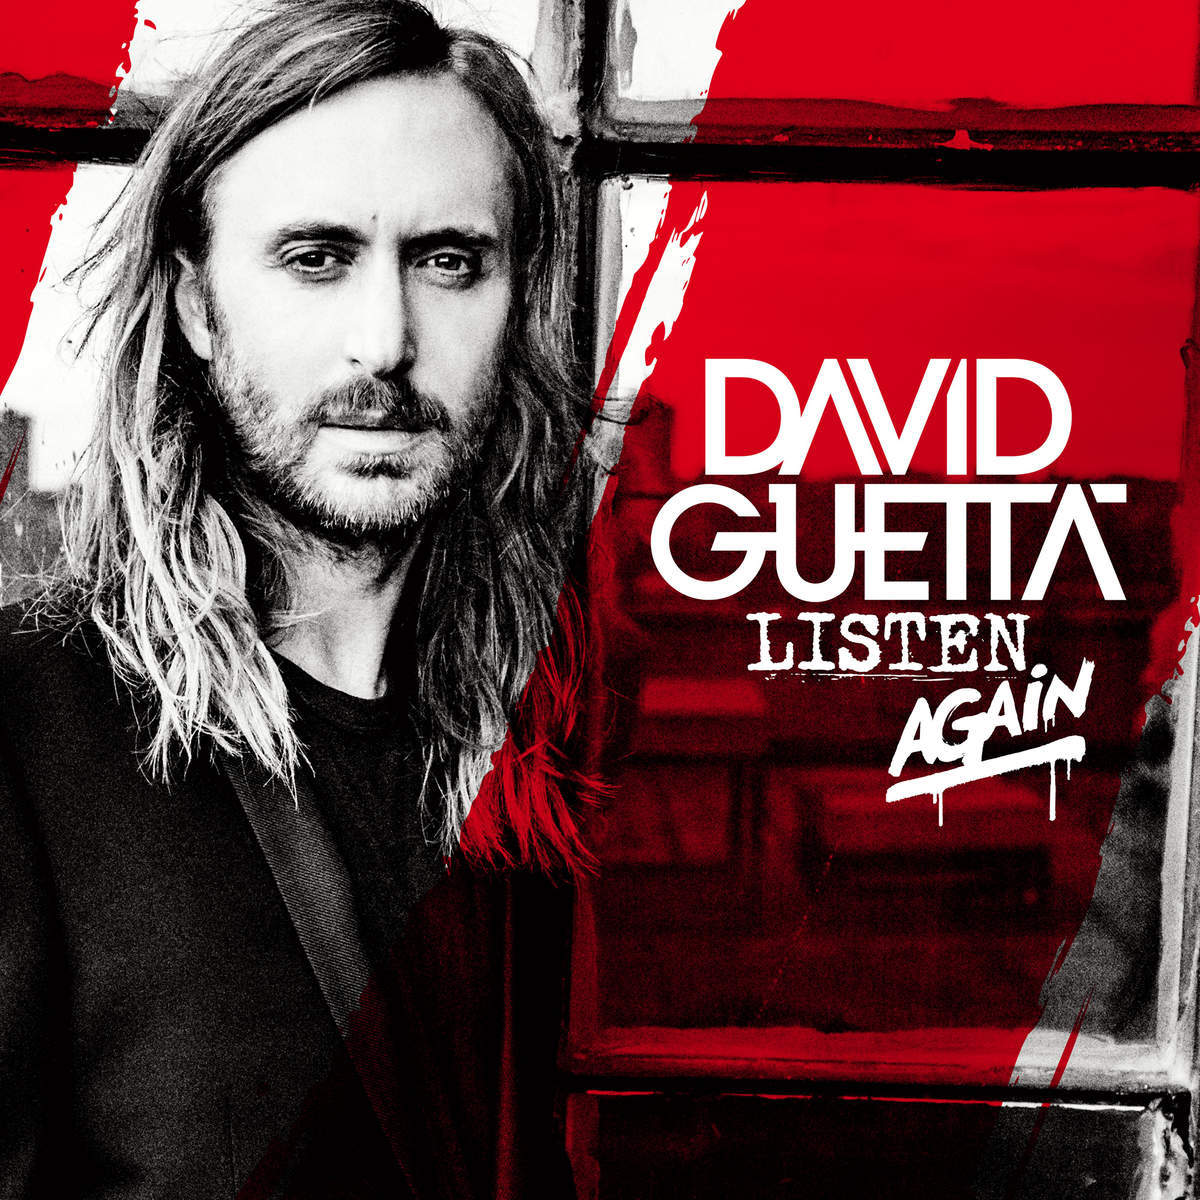 David-Guetta-Listen-Again-2015-1200x120